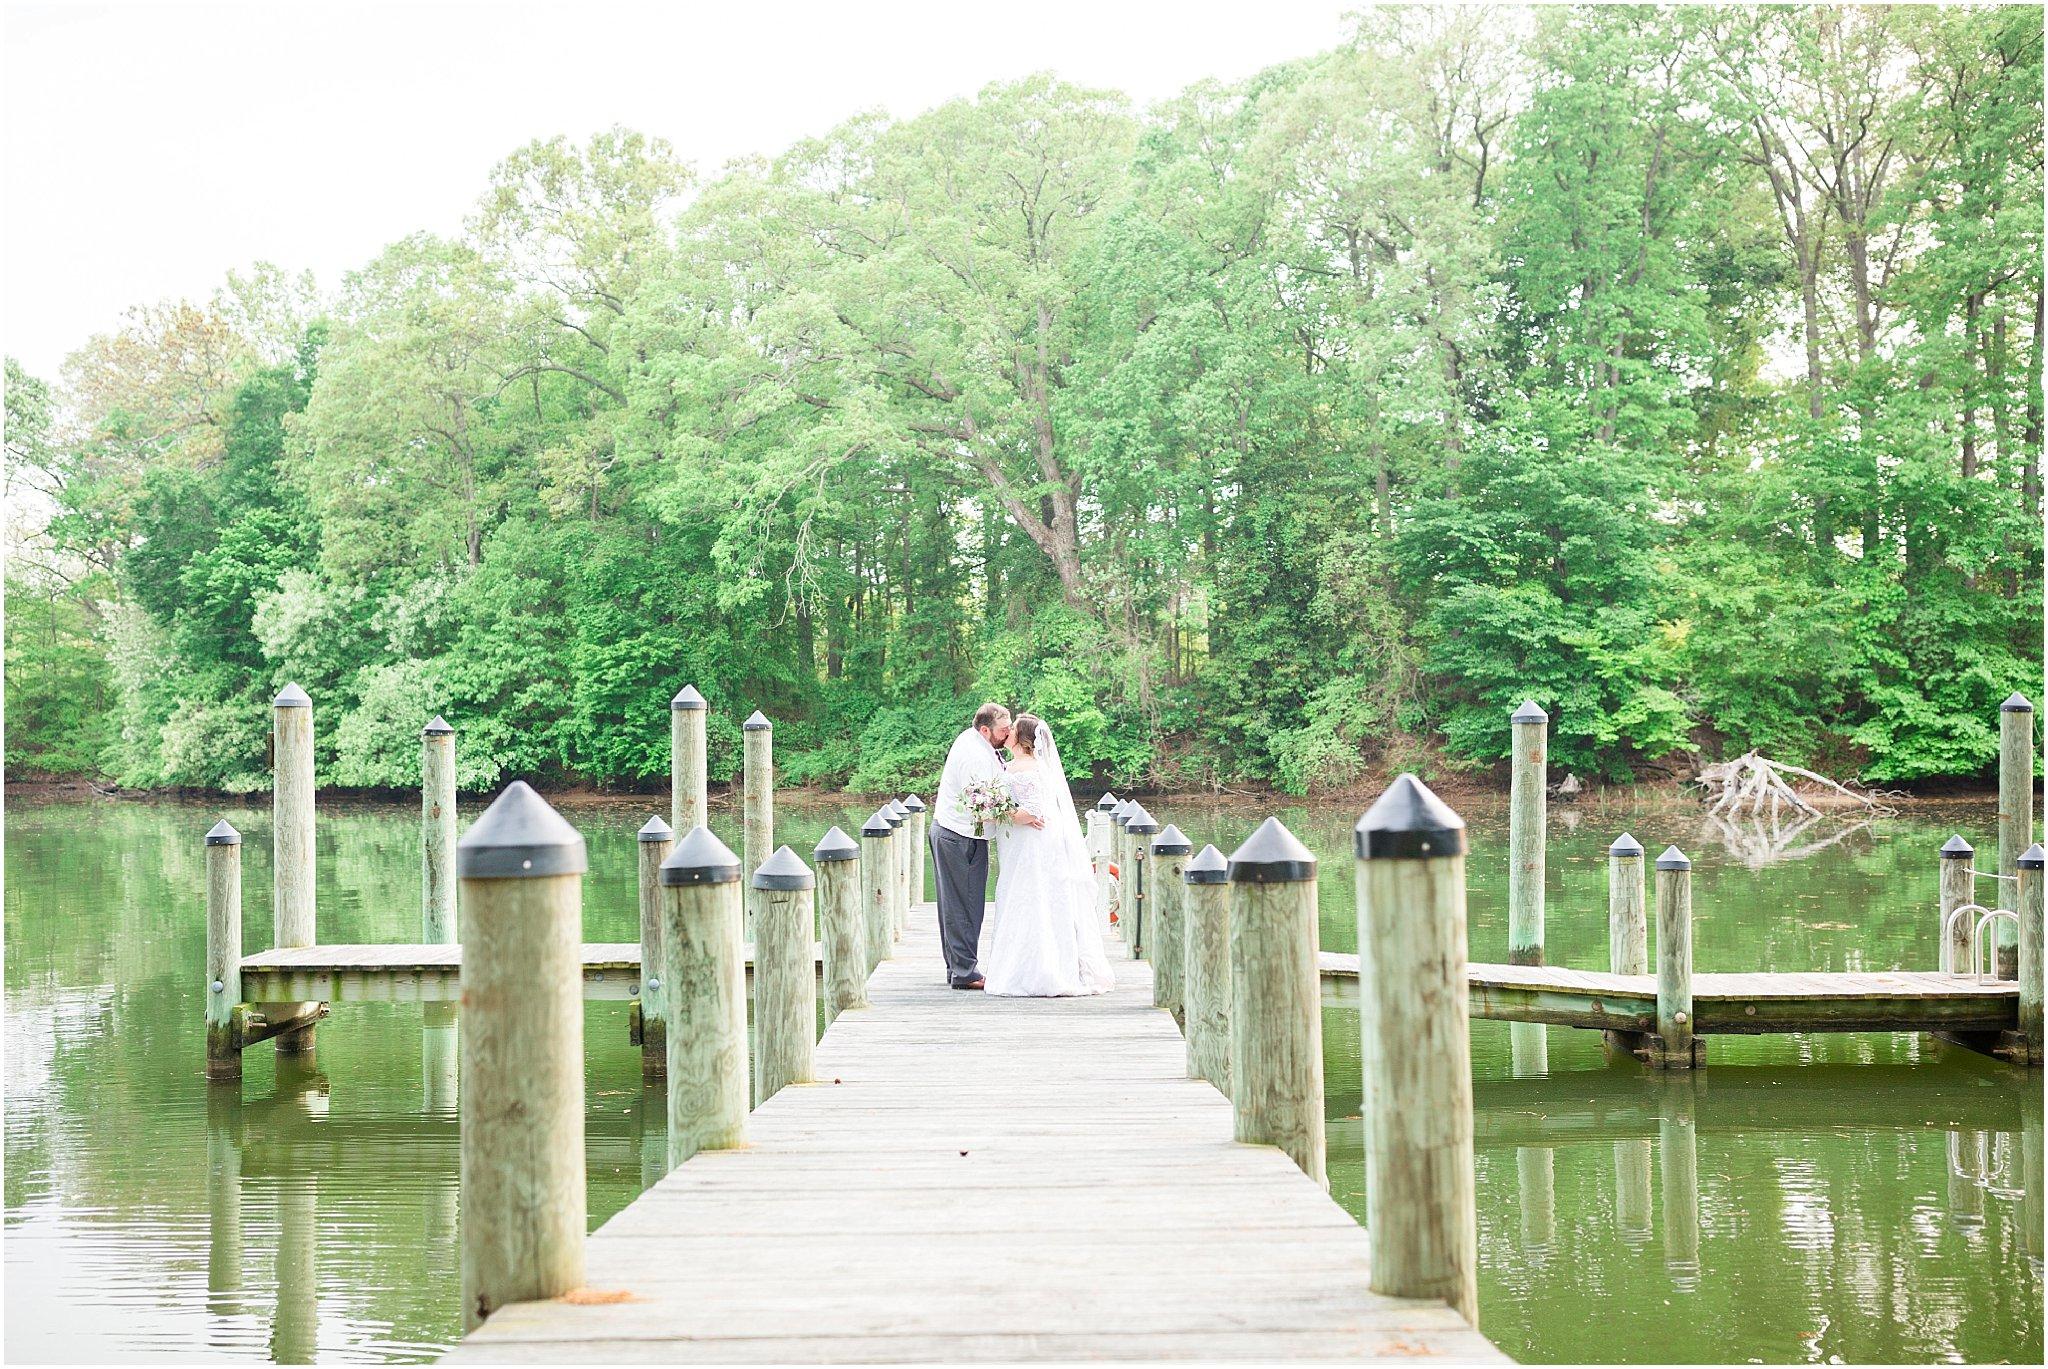 cole-wye-island-wedding-cassidymrphotography_0100